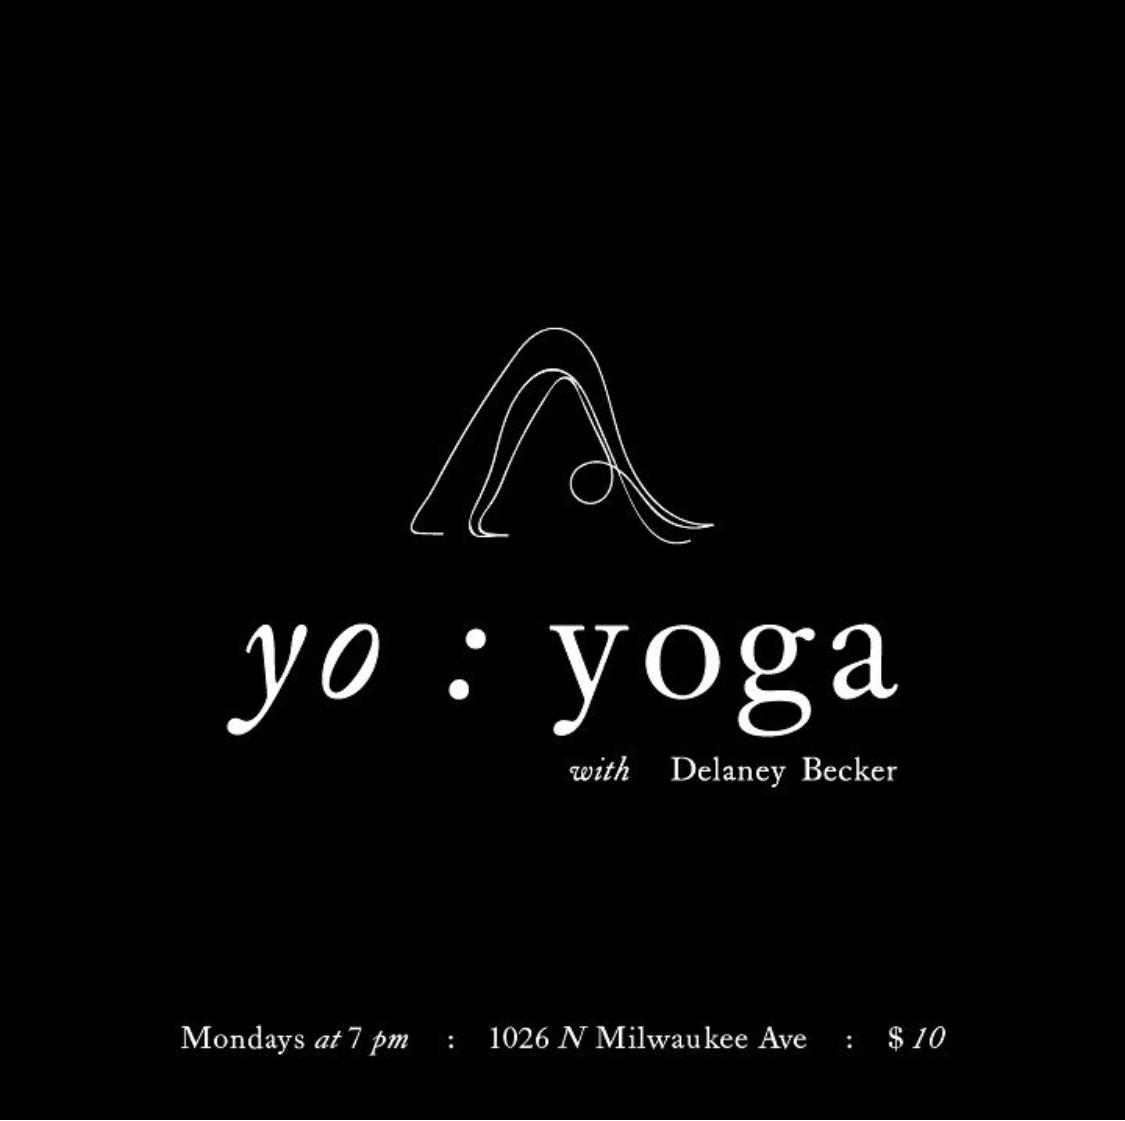 yo yoga.jpg